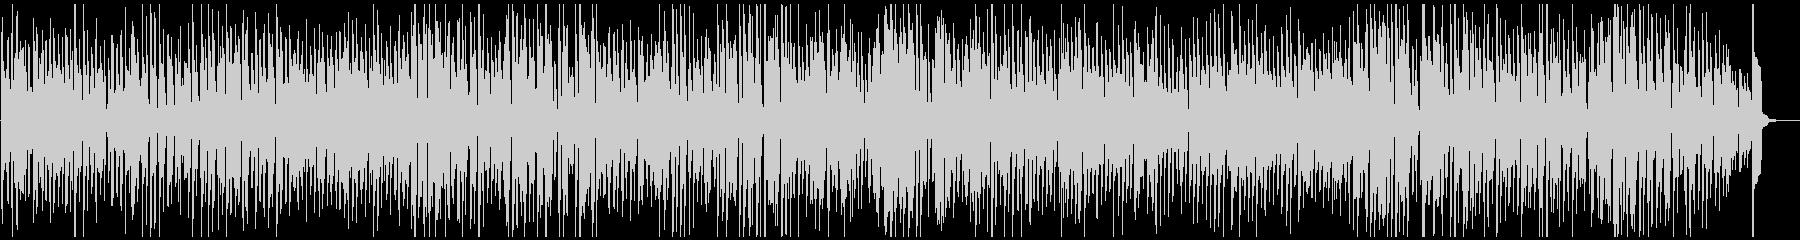 レトロジャズ、牧歌的なジプシースイングの未再生の波形